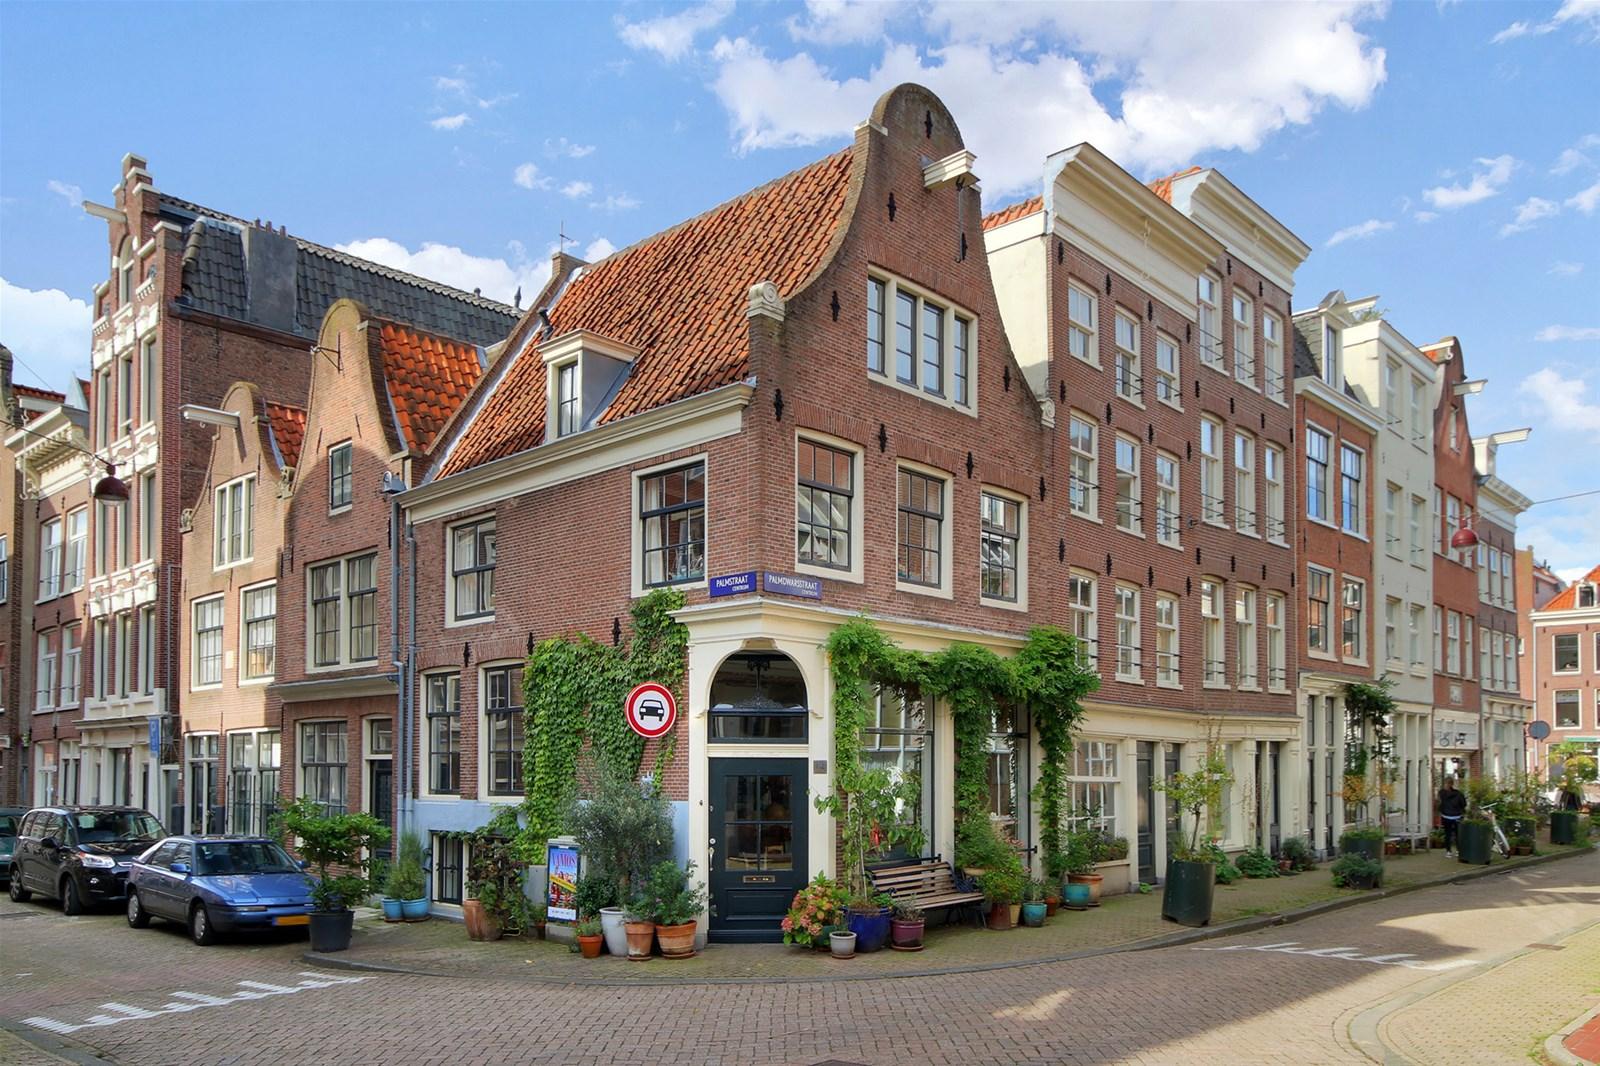 Palmdwarsstraat 14 AMSTERDAM, Jordaan - Aemestelle Makelaars V.O.F.